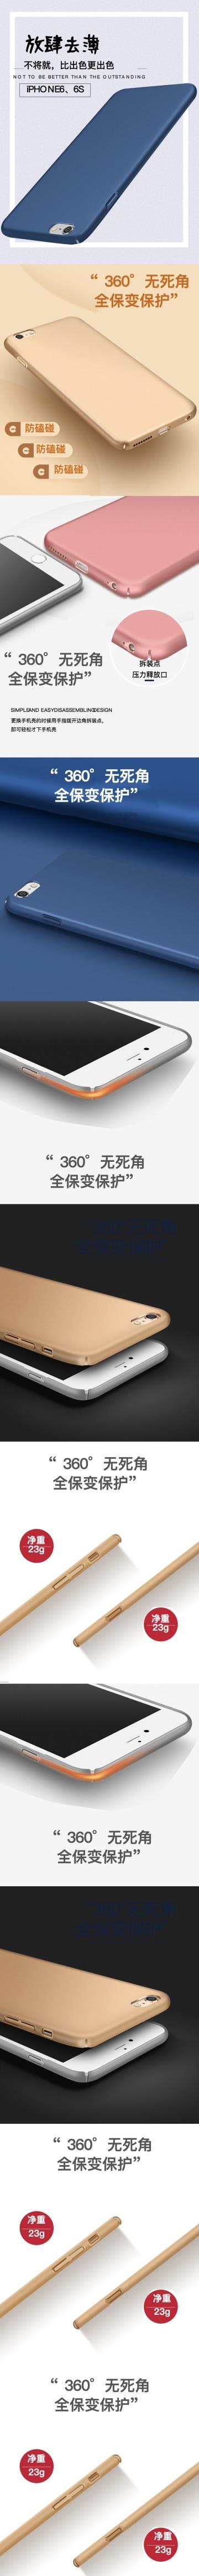 简约时尚手机壳数码电商详情图